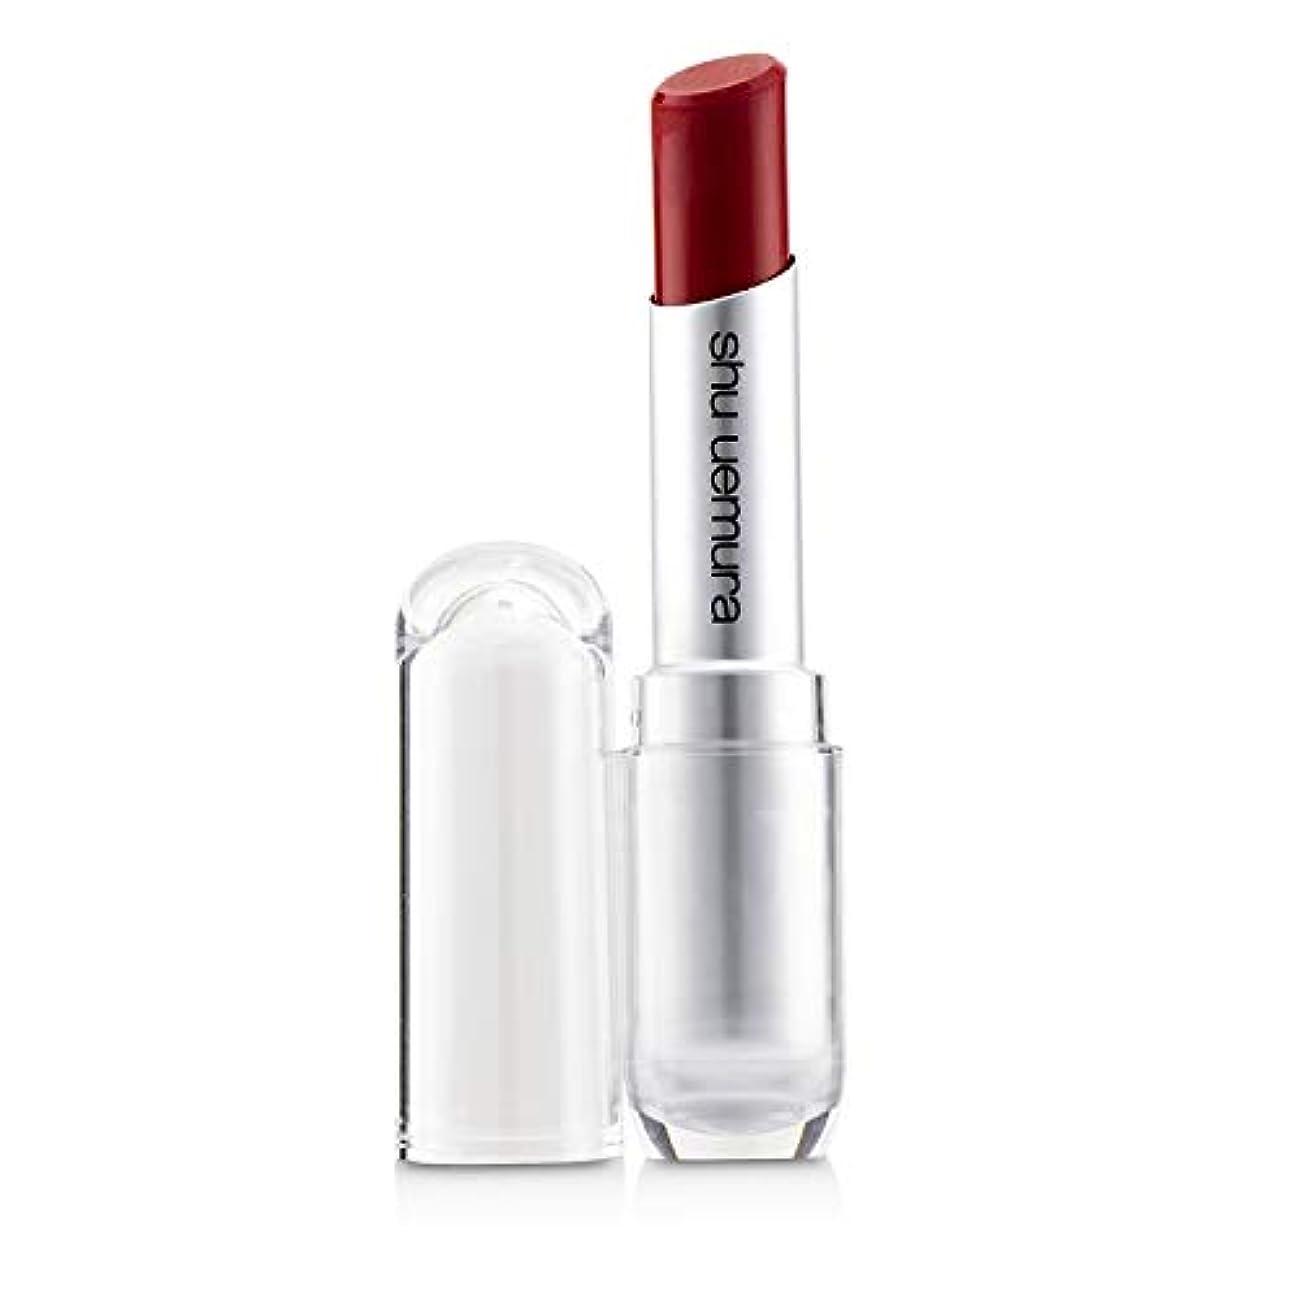 端末トリッキー予約シュウウエムラ Rouge Unlimited Matte Lipstick - # M RD 144 3.4g/0.11oz並行輸入品